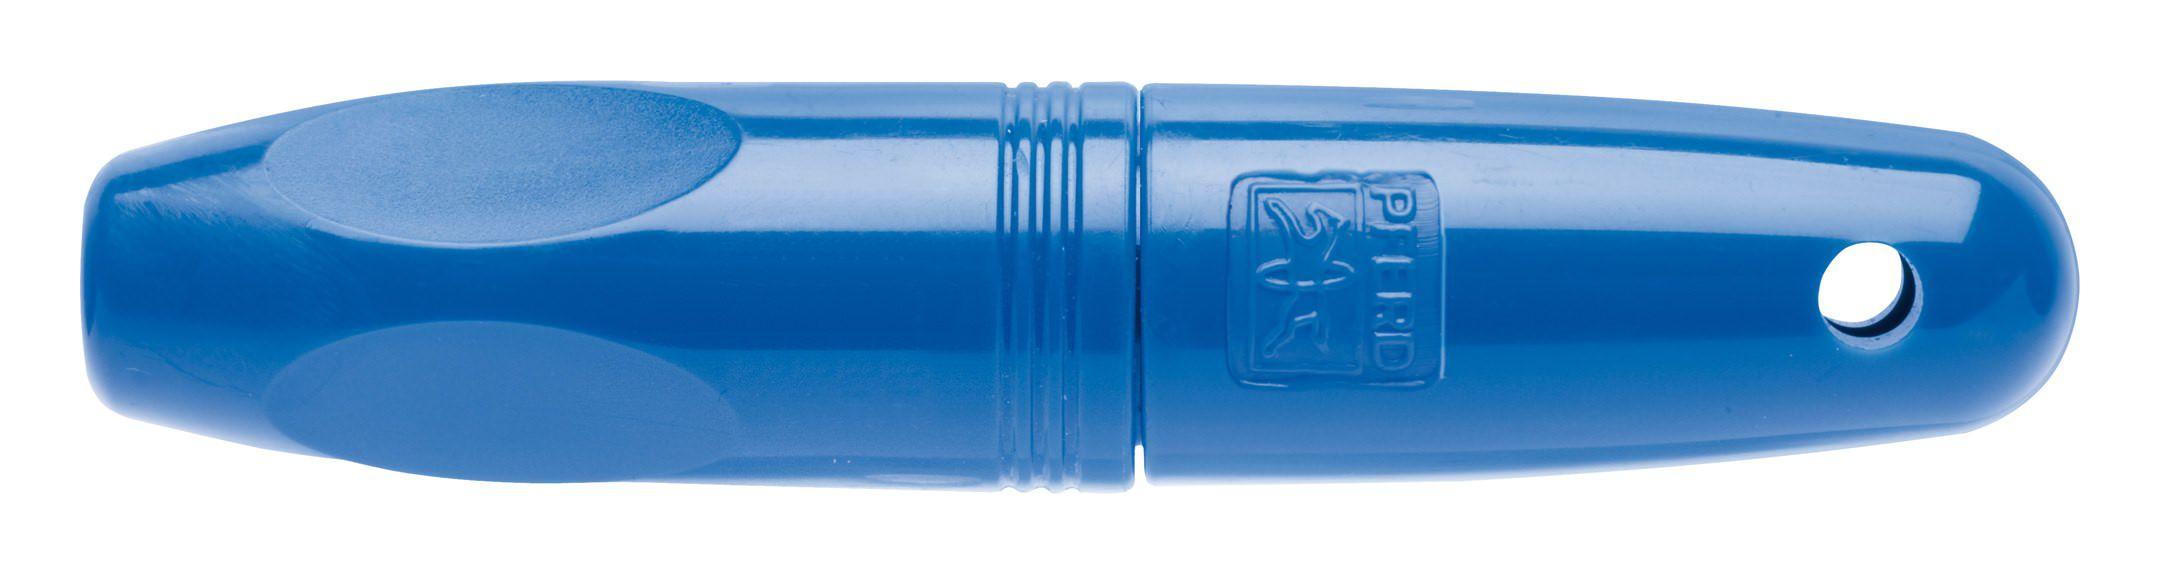 Nadelfeilen-Schnellspannheft 90mm Feilenheft SH220